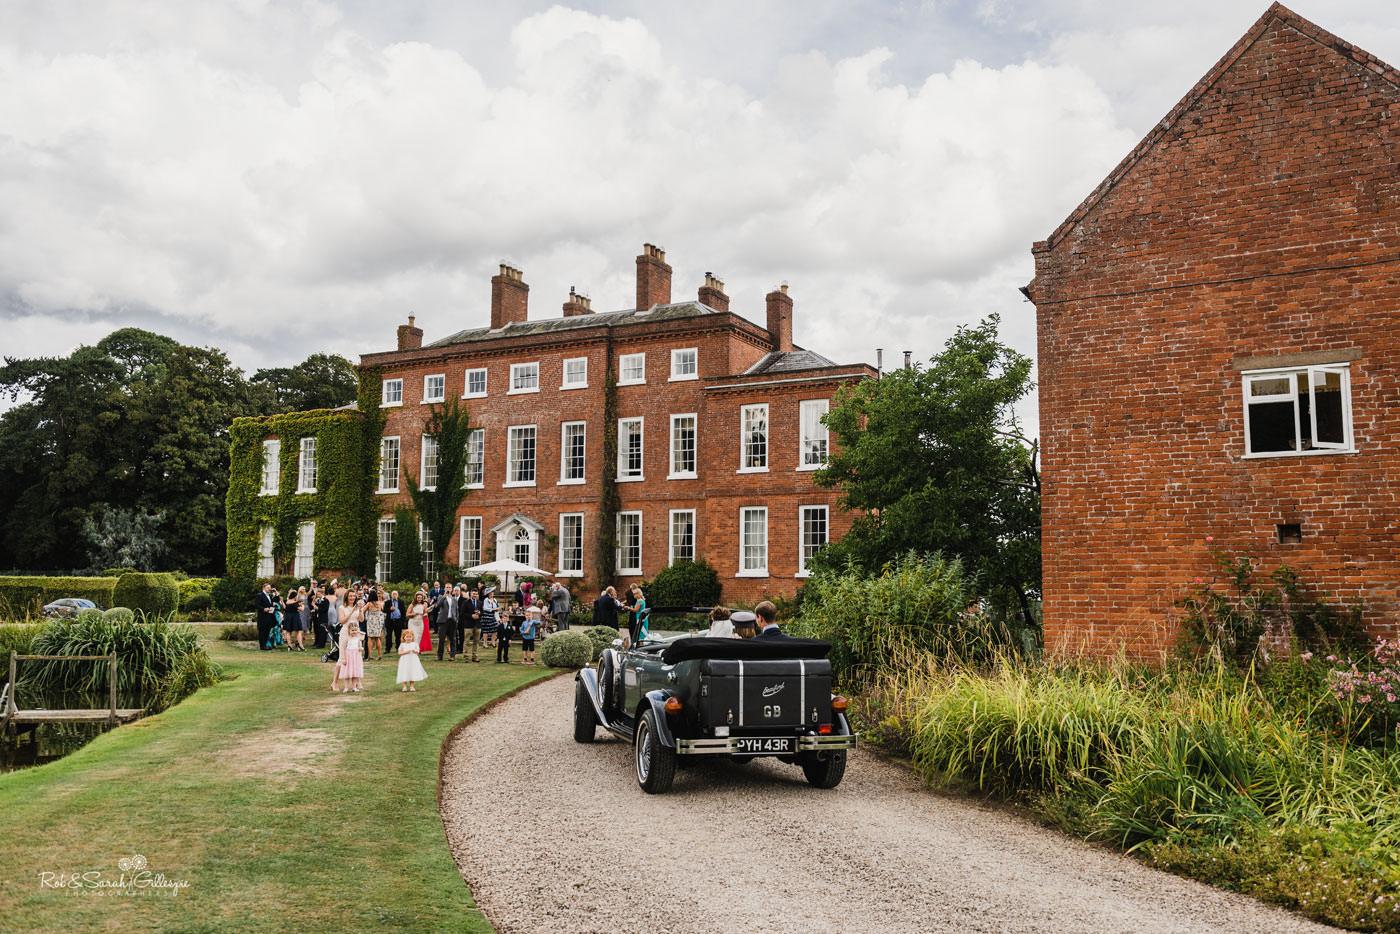 Wedding car arrives at Shropshire wedding venue Delbury Hall